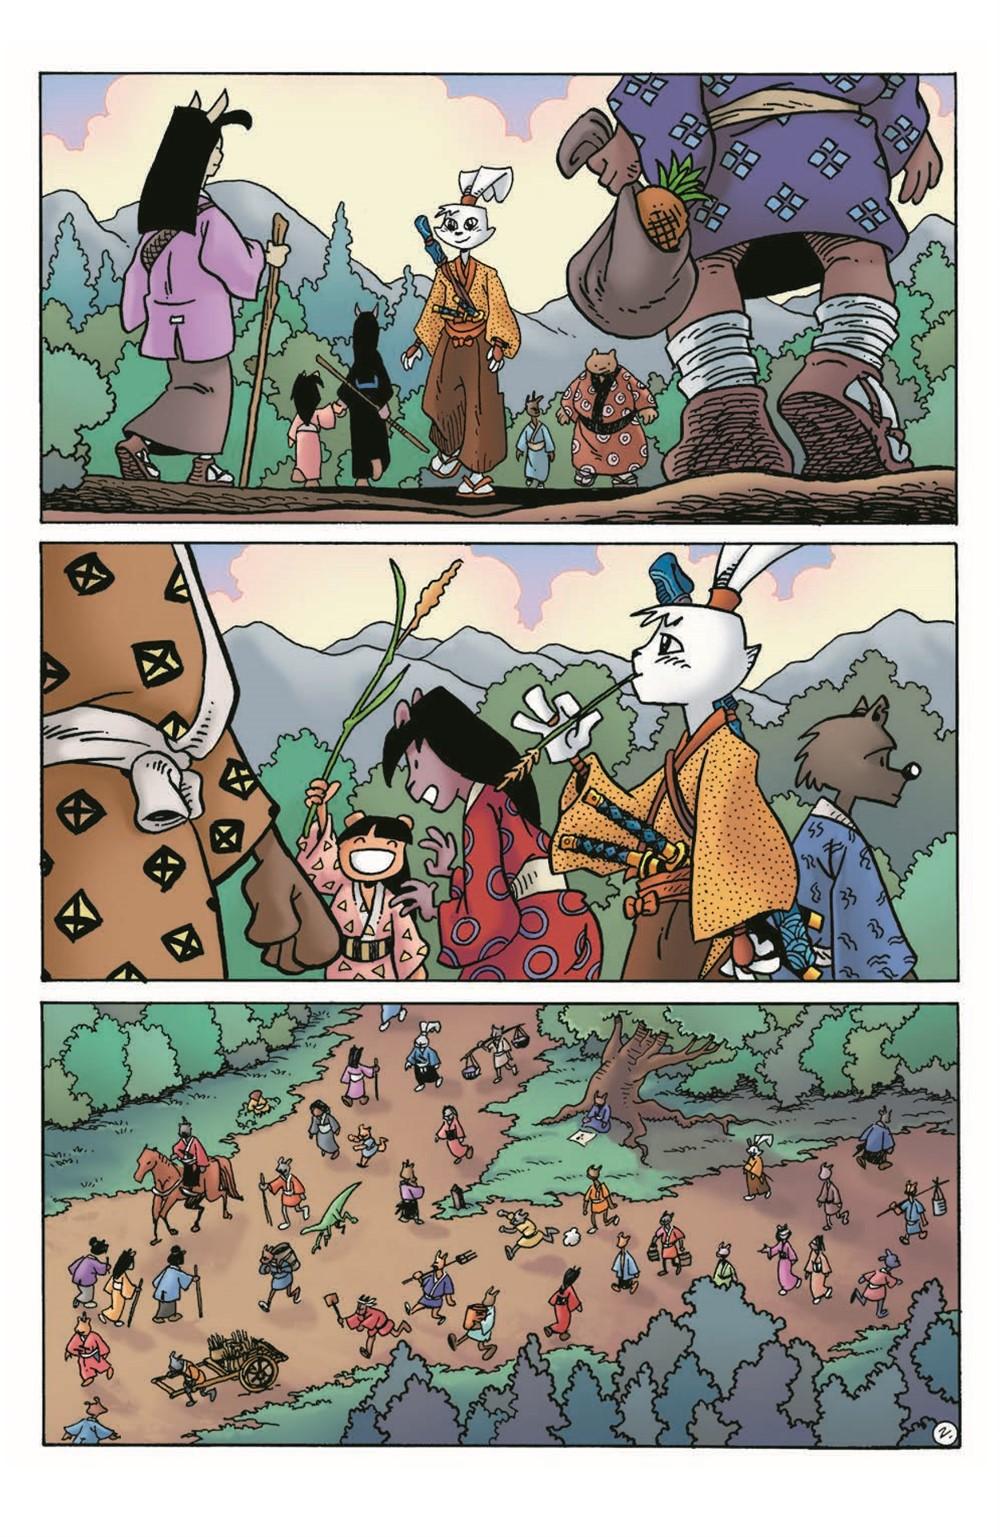 Usagi20_2nd_pr-4 ComicList Previews: USAGI YOJIMBO #20 (2ND PRINTING)